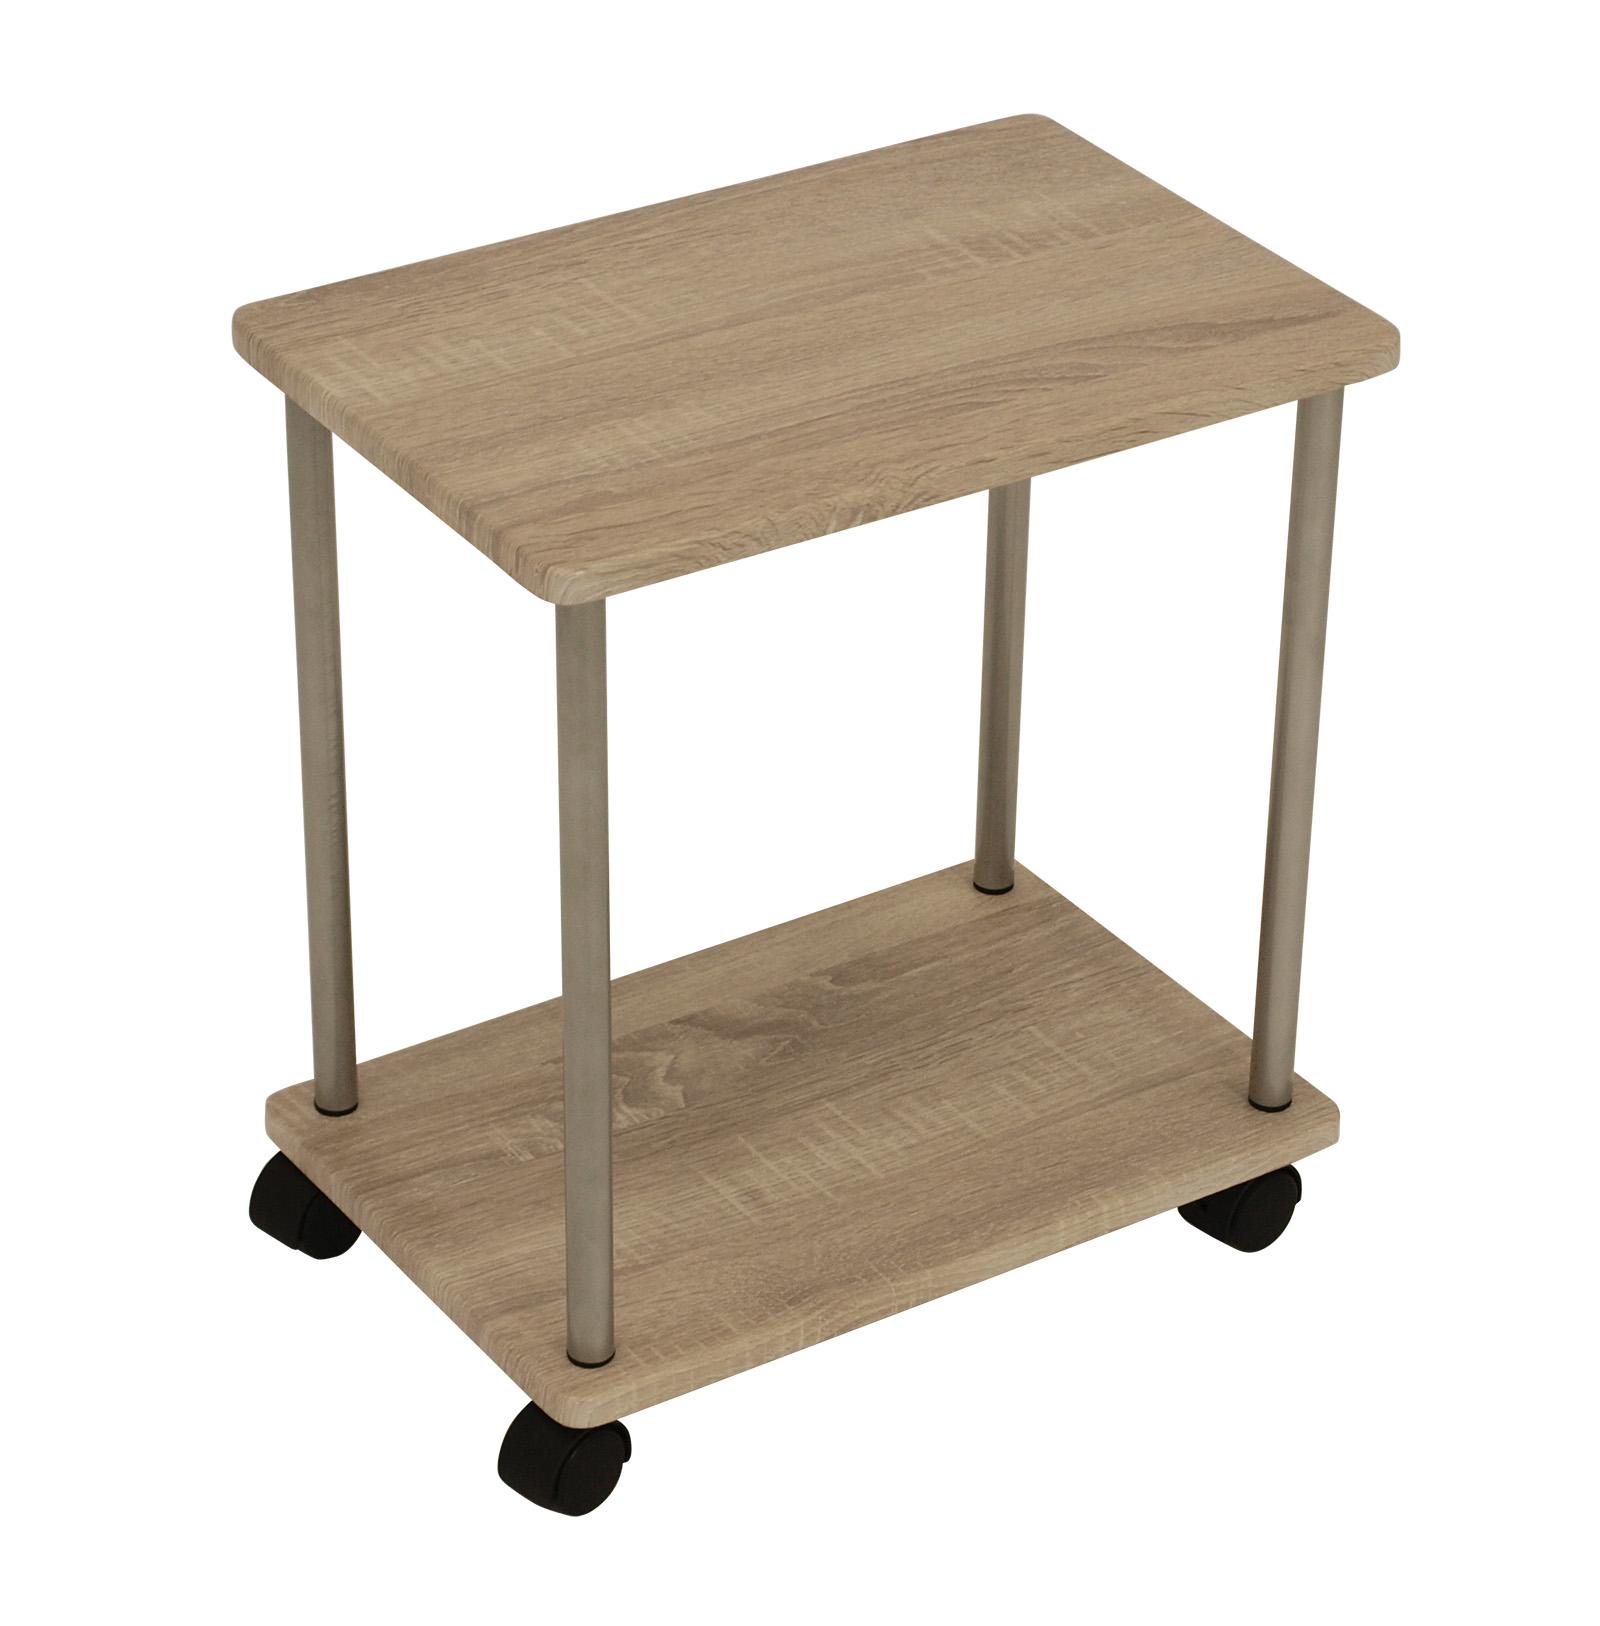 beistellwagen bonn mit rollen und zwei ebenen beistelltisch tisch wagen ablage ebay. Black Bedroom Furniture Sets. Home Design Ideas